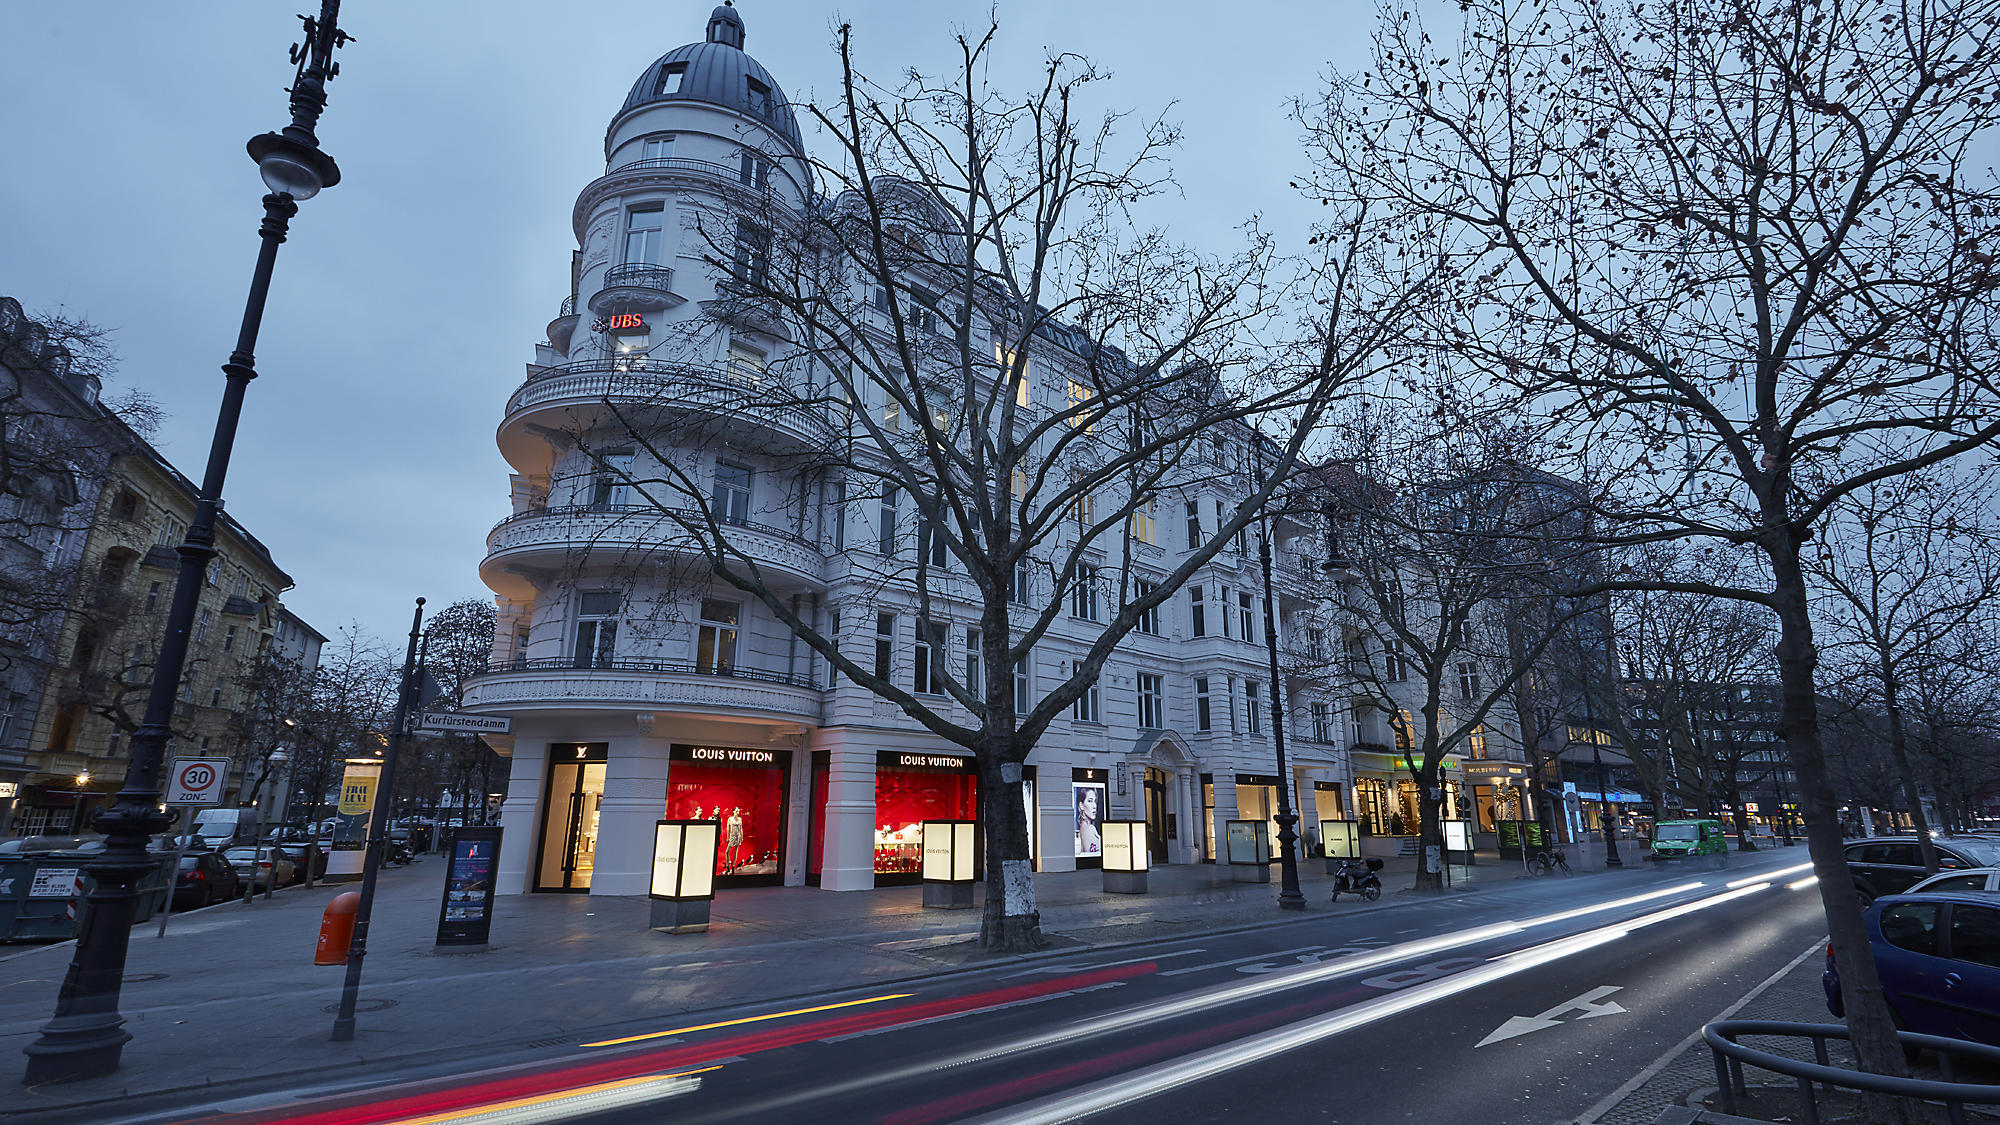 bialy budynek przy ulicy w Berlinie Kurfürstendamm zakupy